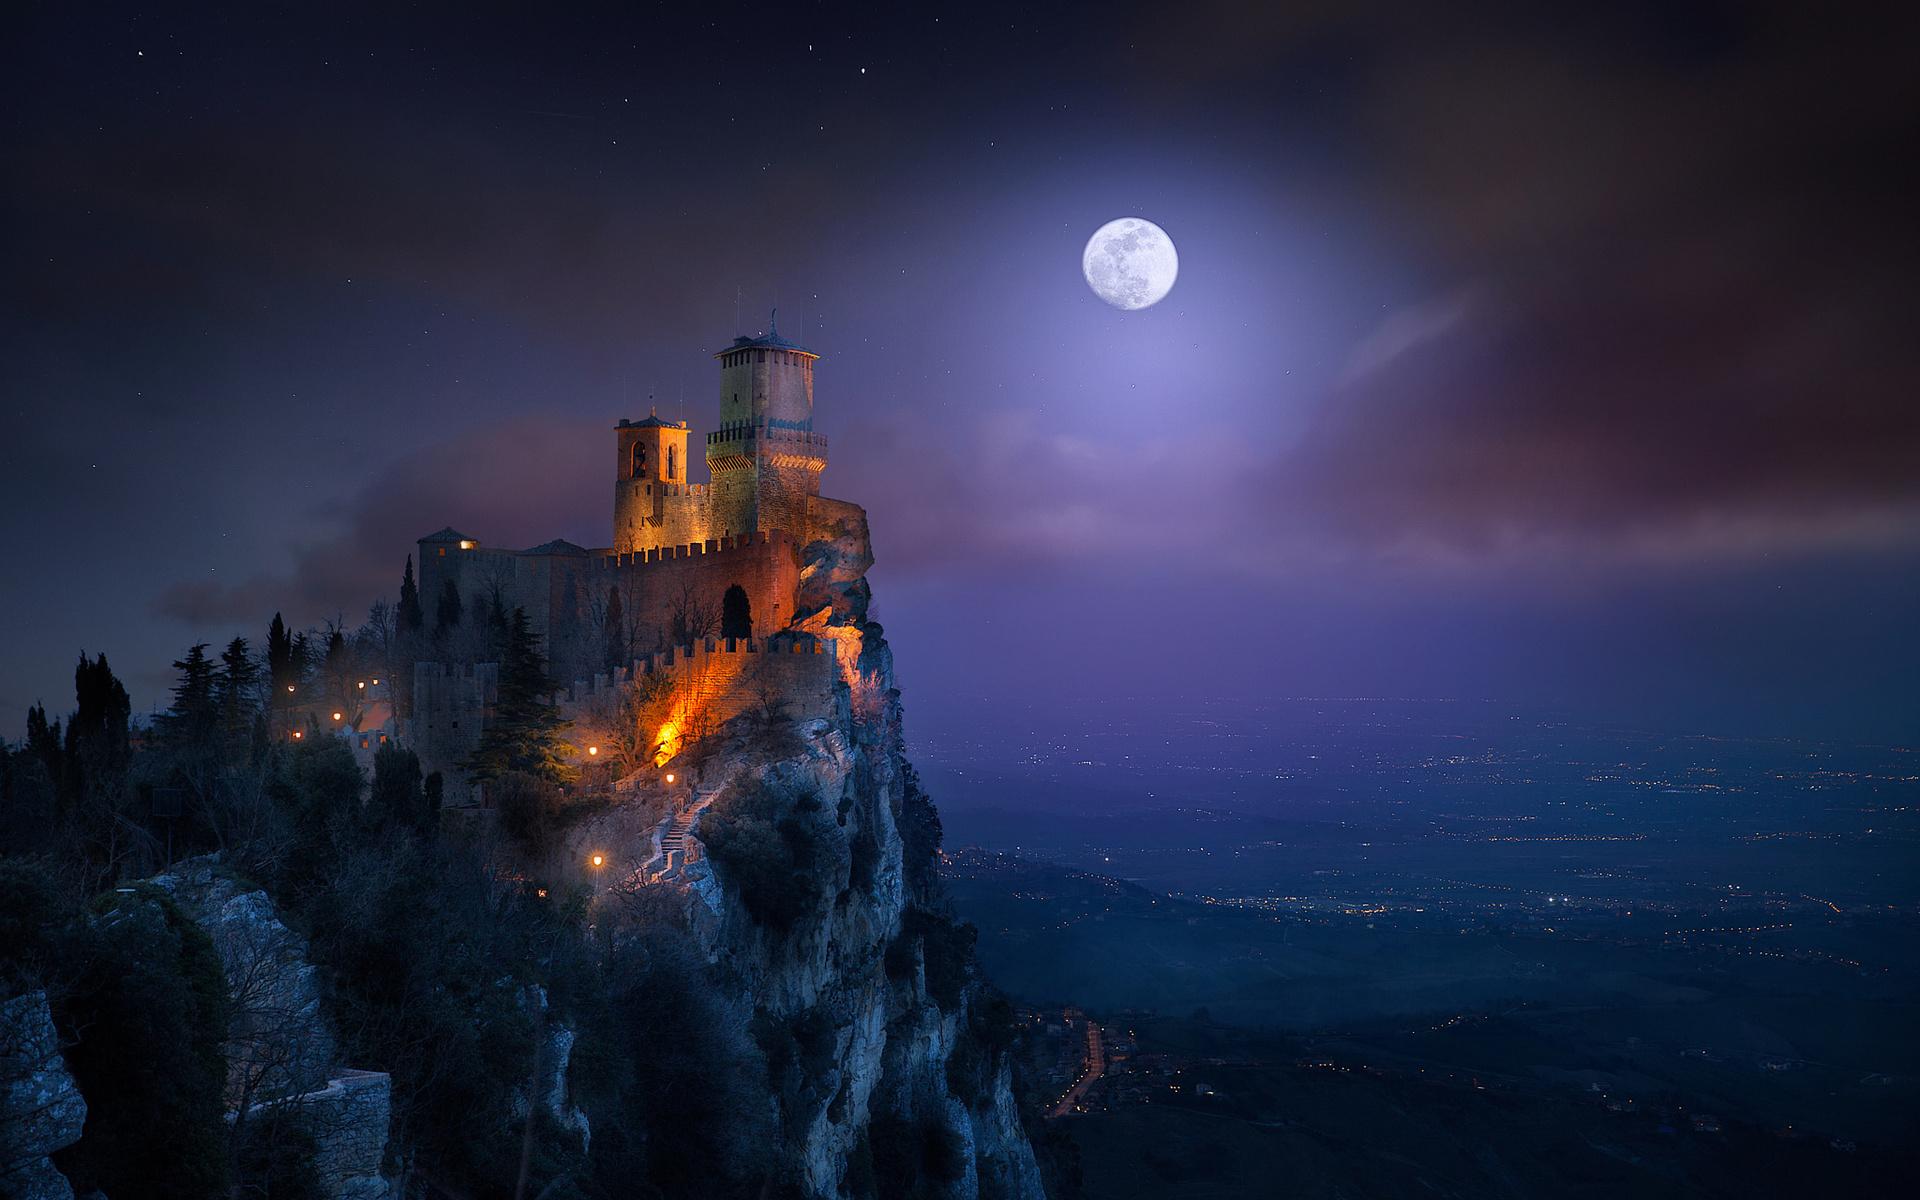 космический замок фото мелом